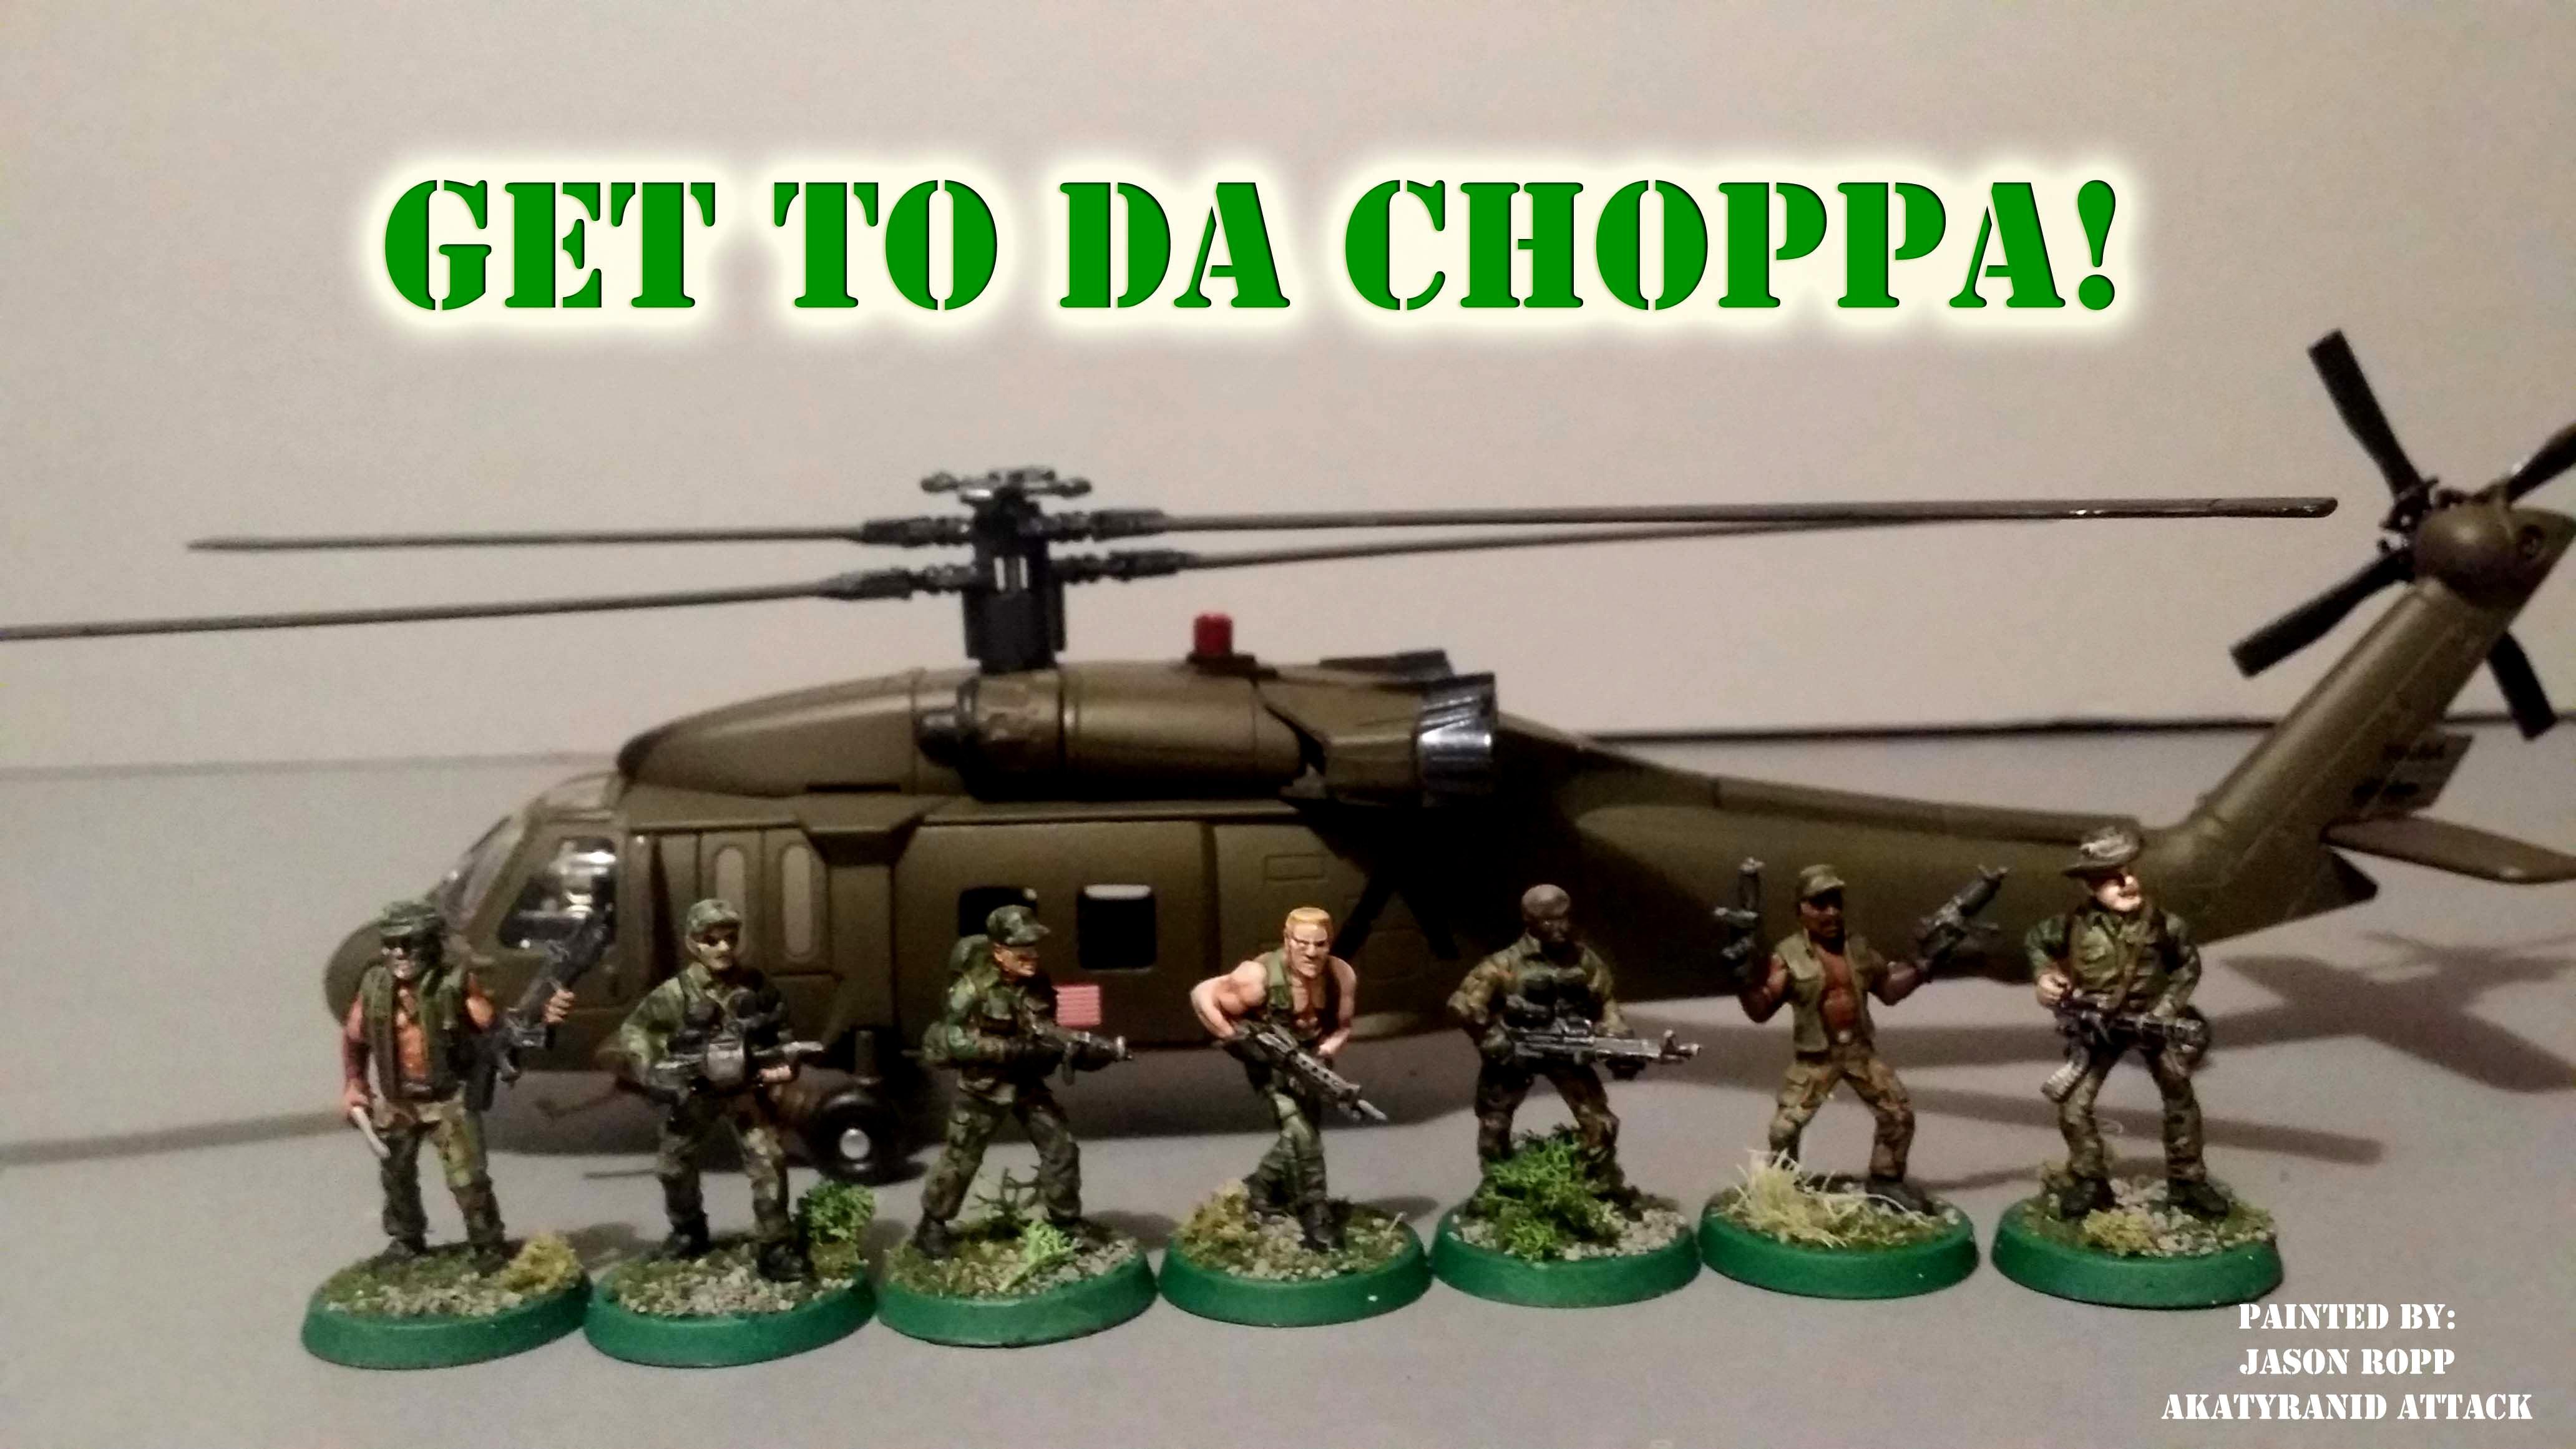 Aliens, Arnold, Avp, Battle, Dogs Of War, Game, Games, Get To Da Choppa, Helicopter, Miniature, Predator, Predators, Prodos, Ral Partha, Schwartenegger, Testors, Wargame